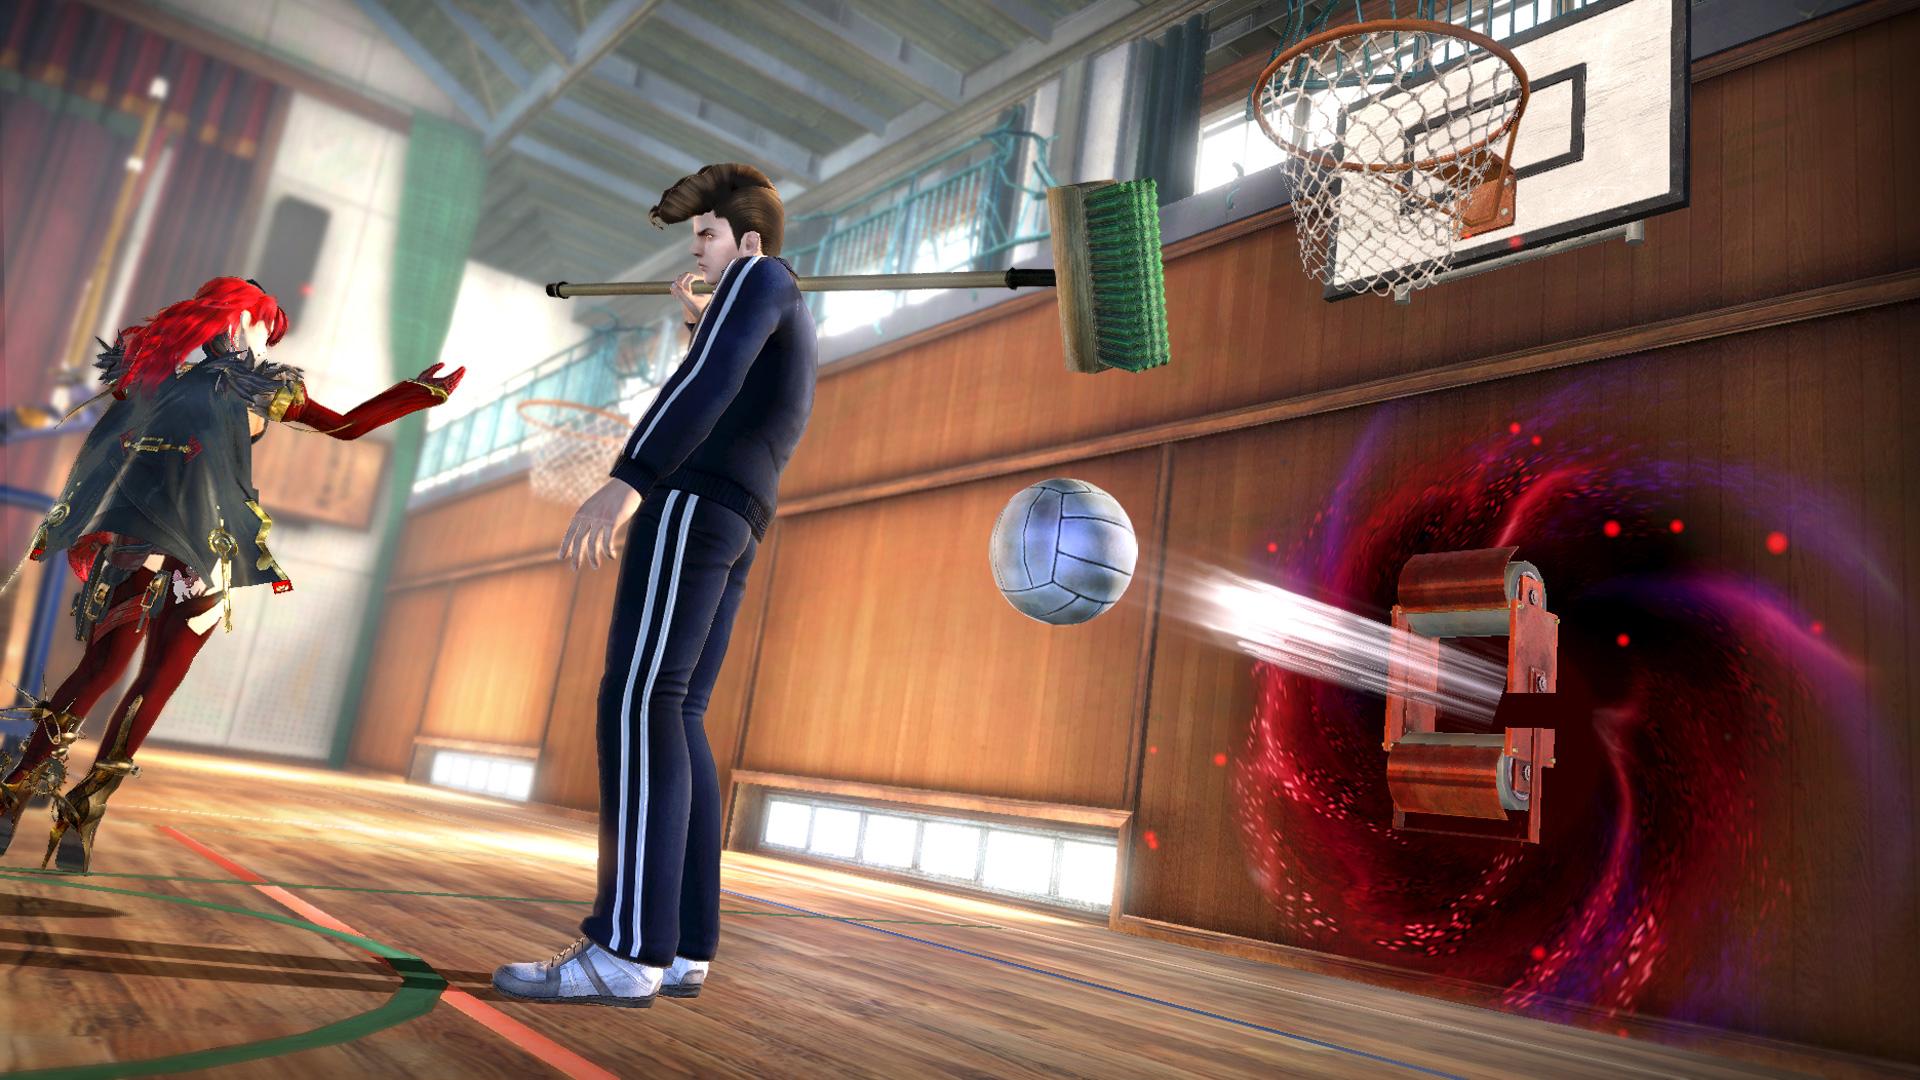 """トラップ「ボールスパイカー」、華麗、壁<br class="""""""">壁から3発のボールが連続で発射される。ヒットした敵を前方によろけさせることができる"""